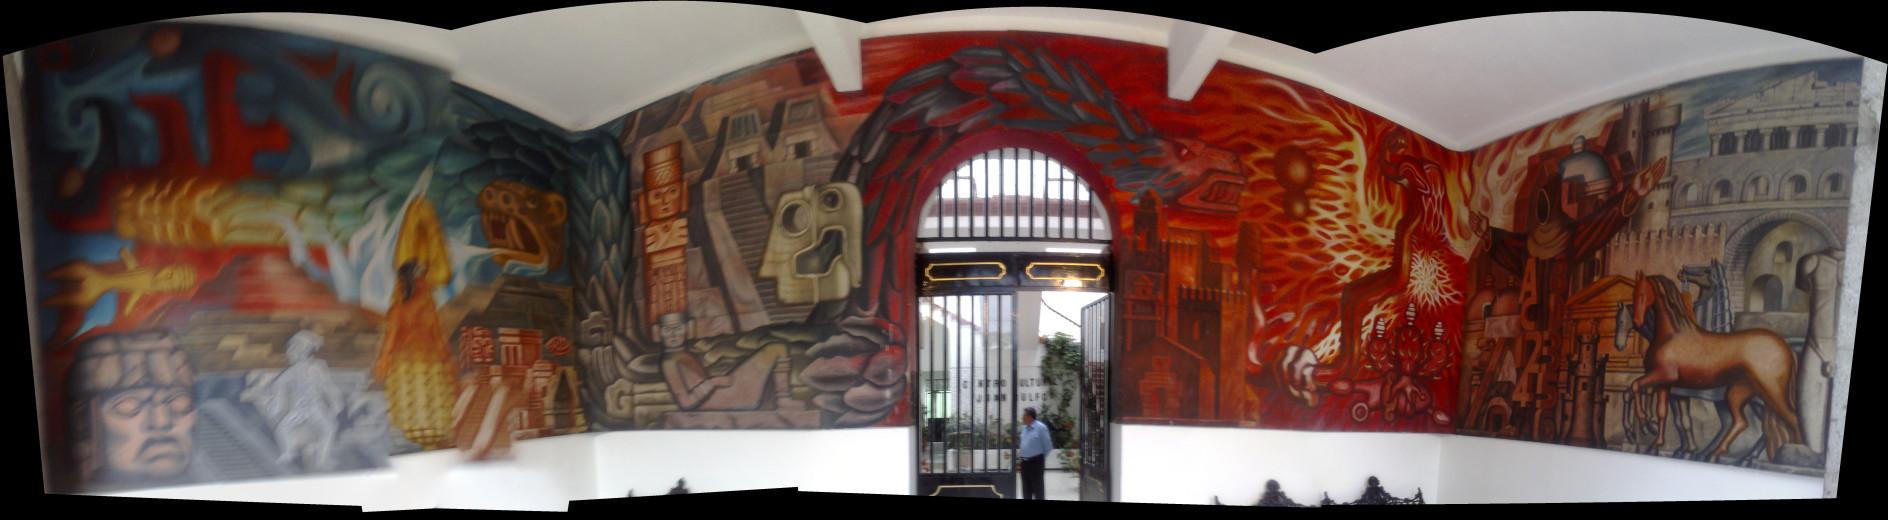 Mural Con Fotos Casa